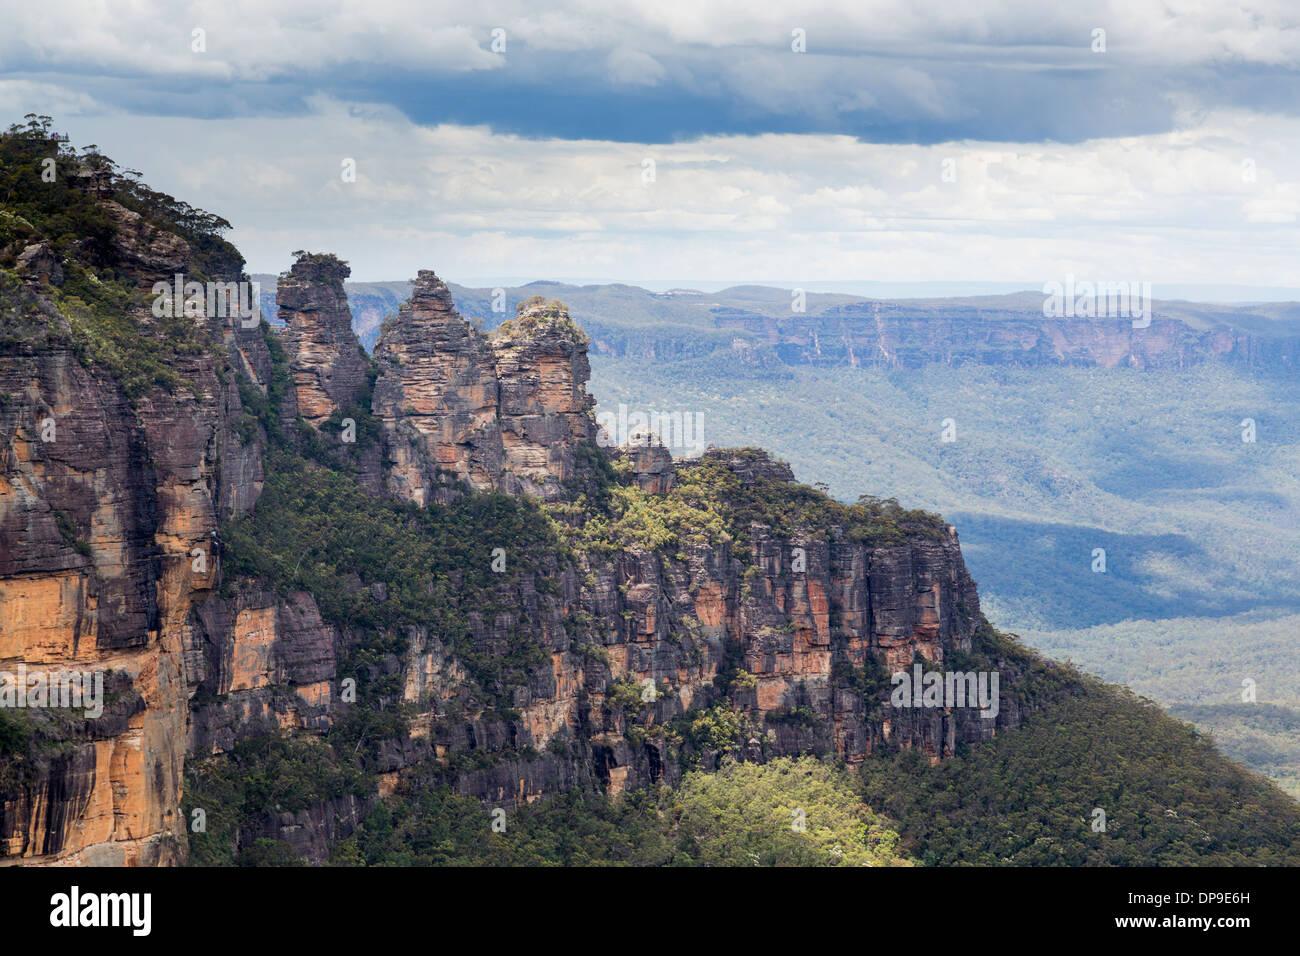 Formazione rocciosa Tre Sorelle dalla vista scogliera Lookout, il Parco Nazionale Blue Mountains, Nuovo Galles del Sud, Australia Immagini Stock